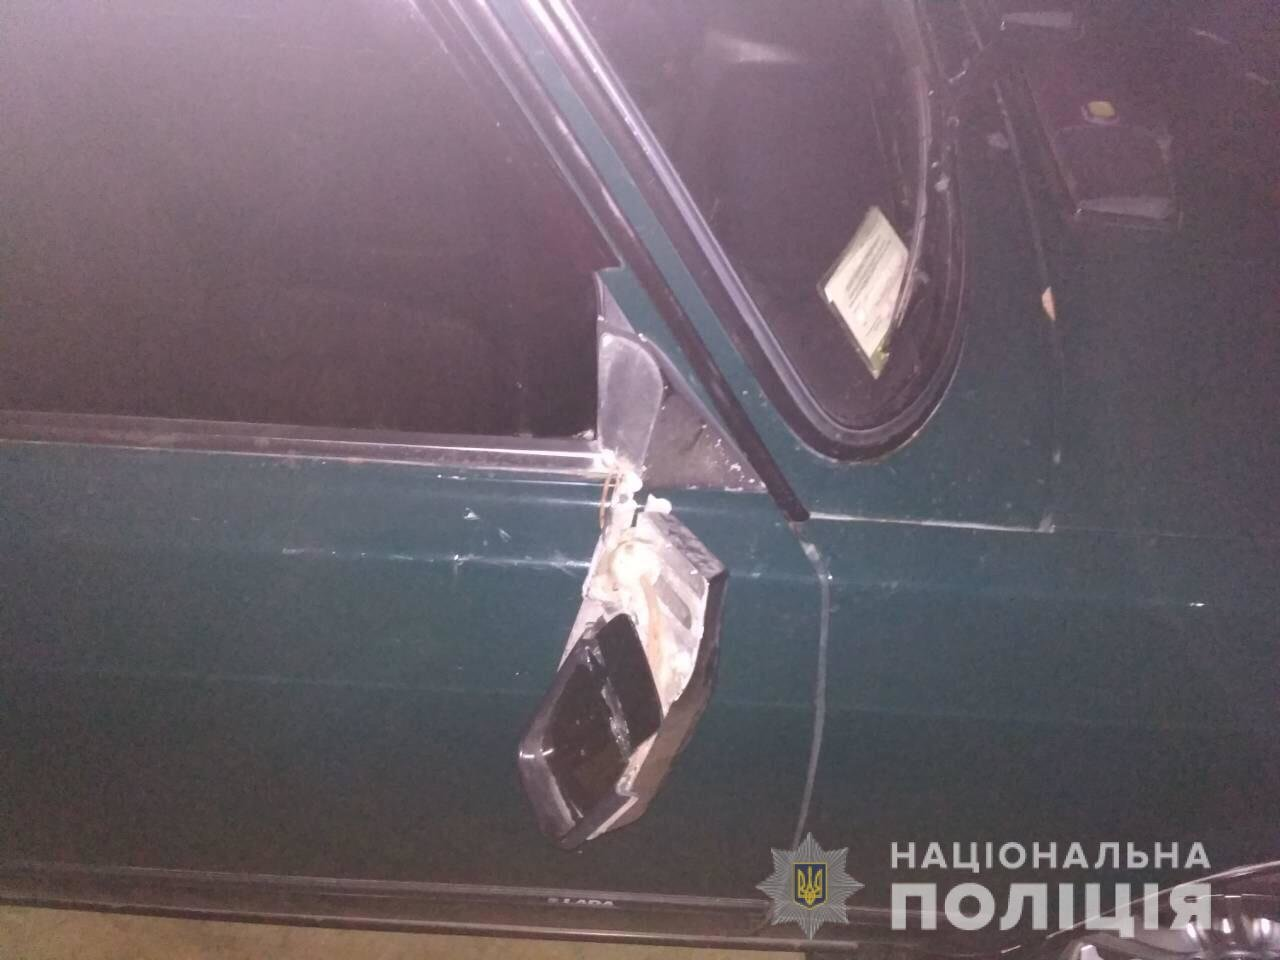 На Харьковщине задержали подозреваемого, который сбил подростка и сбежал, - ФОТО, фото-2